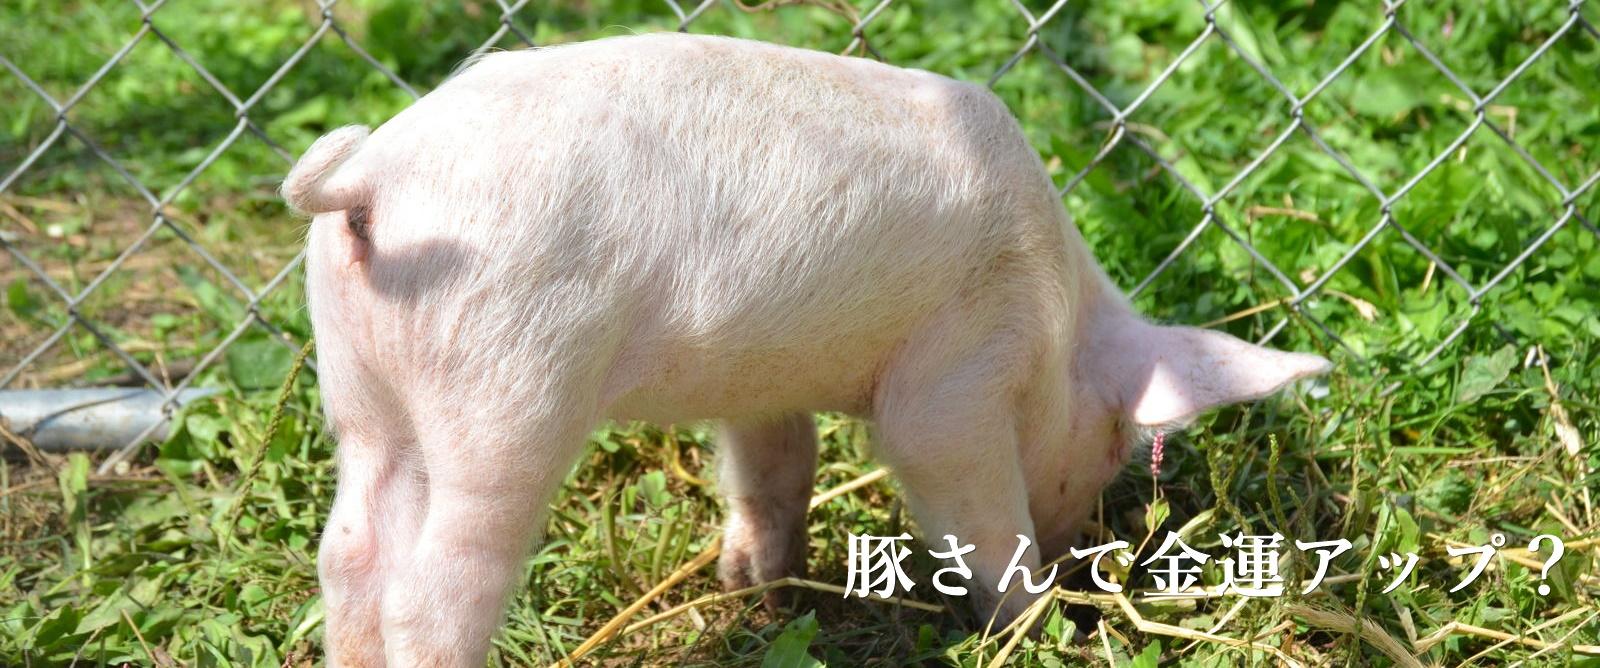 豚の夢を見たら宝くじを買えっ!何で豚が金運アップなのか調べてみた